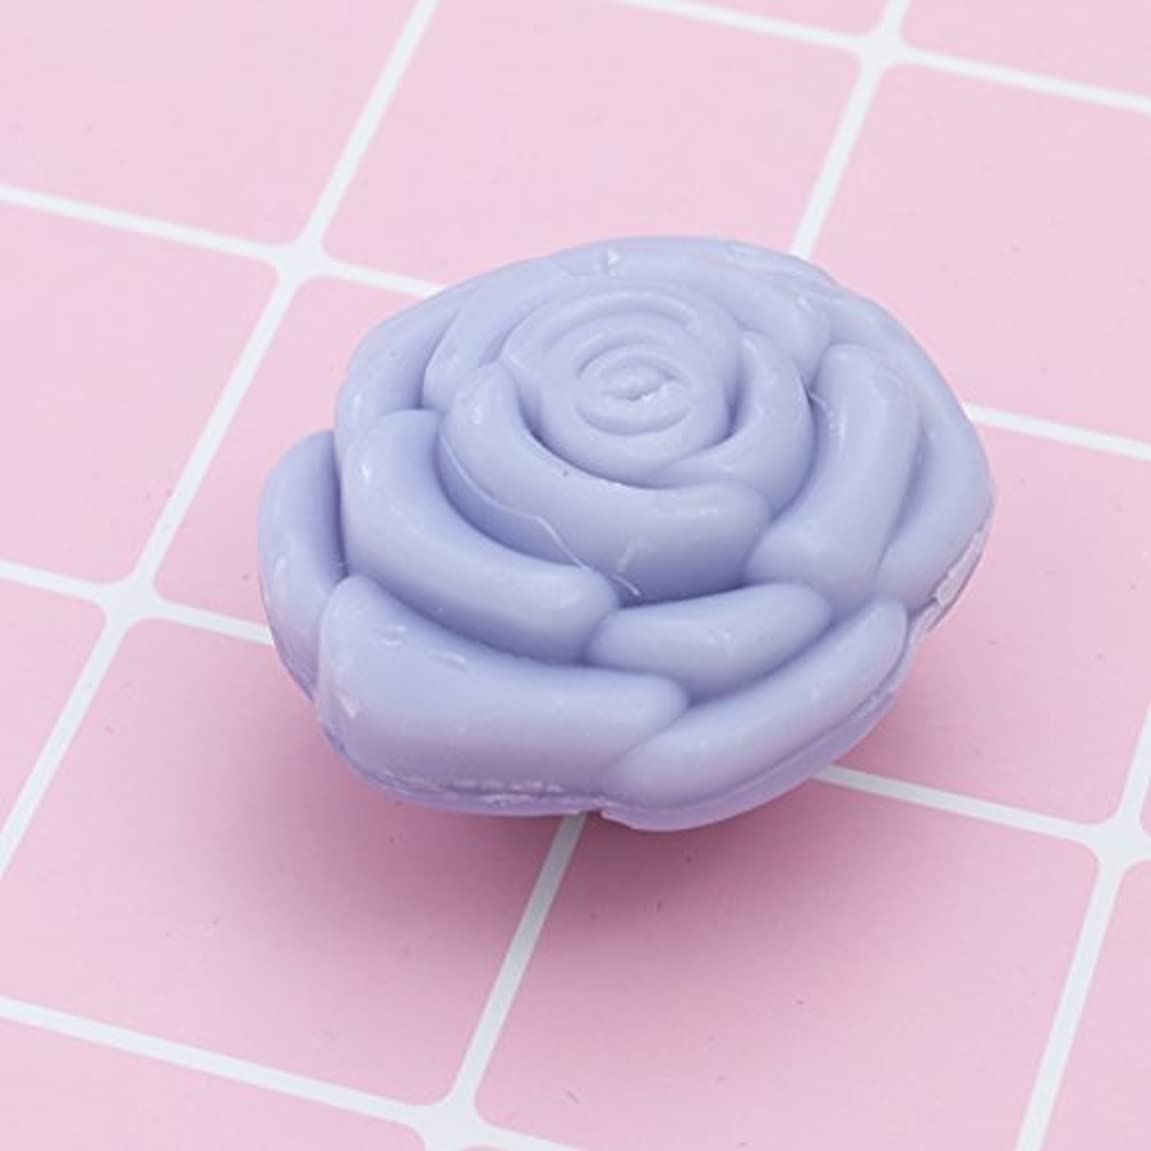 グラムブリーク異常なAmosfun 手作り石鹸オイルローズフラワーソープアロマエッセンシャルオイルギフト記念日誕生日結婚式バレンタインデー(紫)20ピース